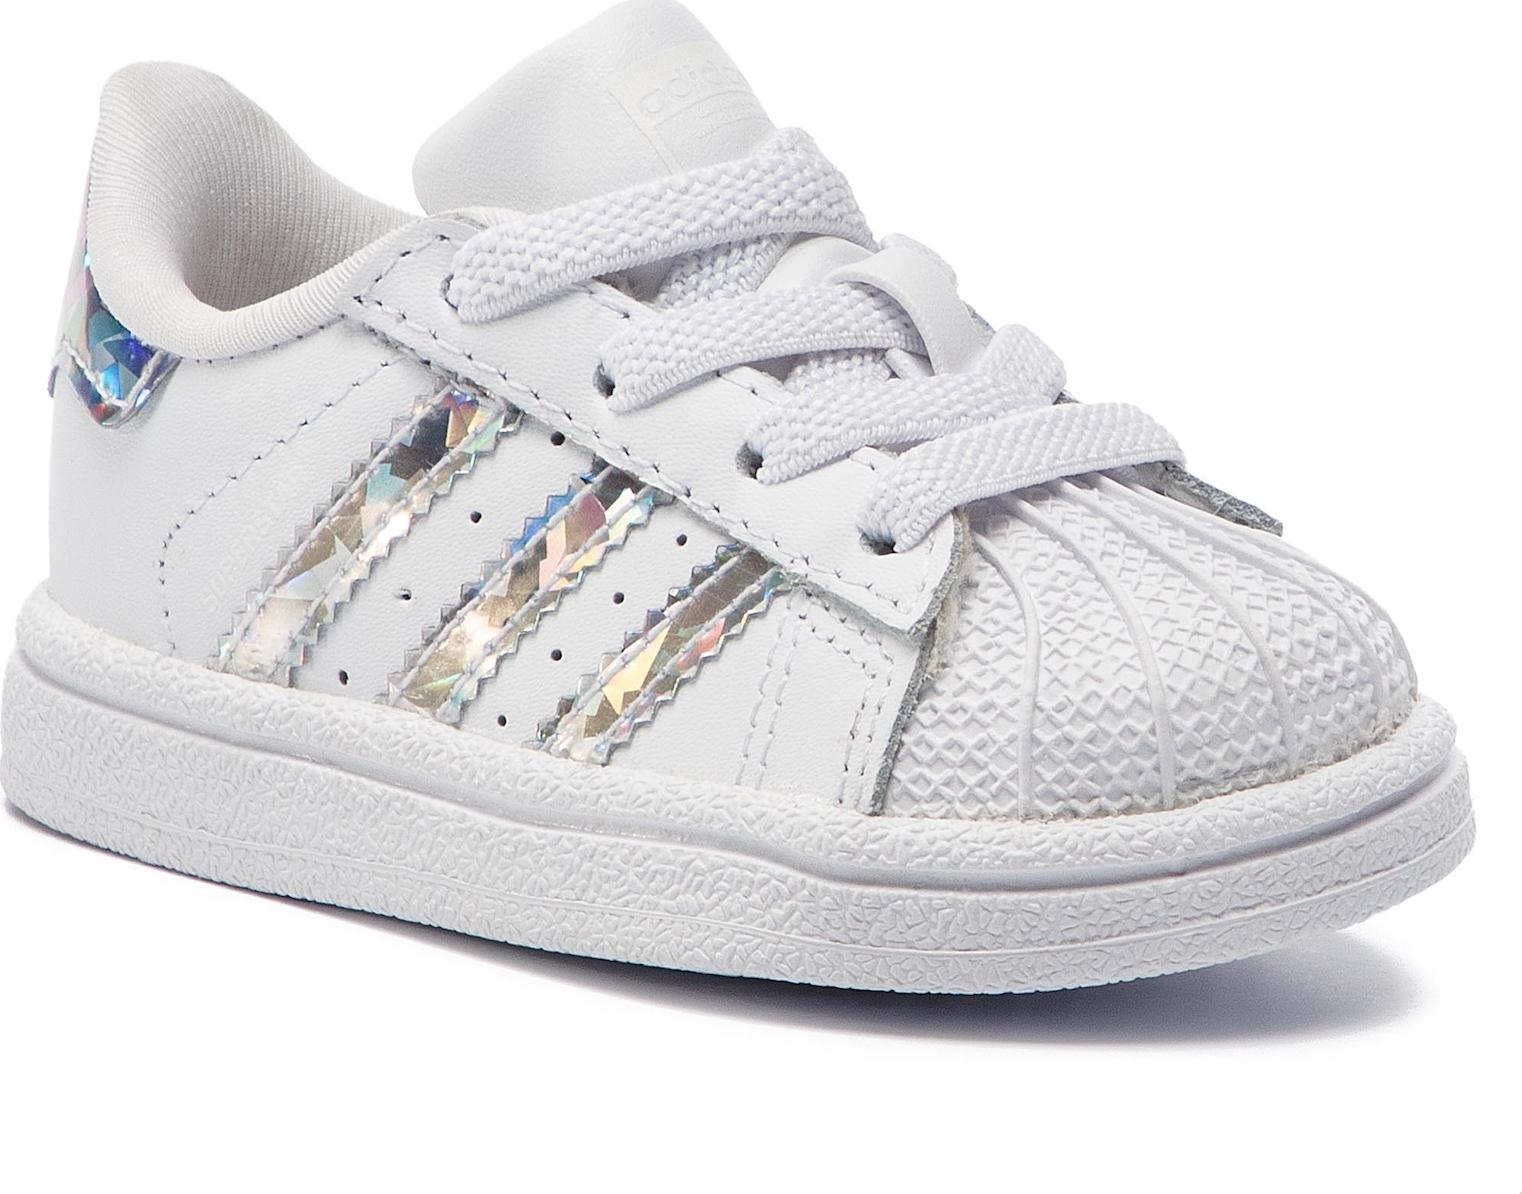 a03d065ee73 Προσθήκη στα αγαπημένα menu Adidas Superstar El I